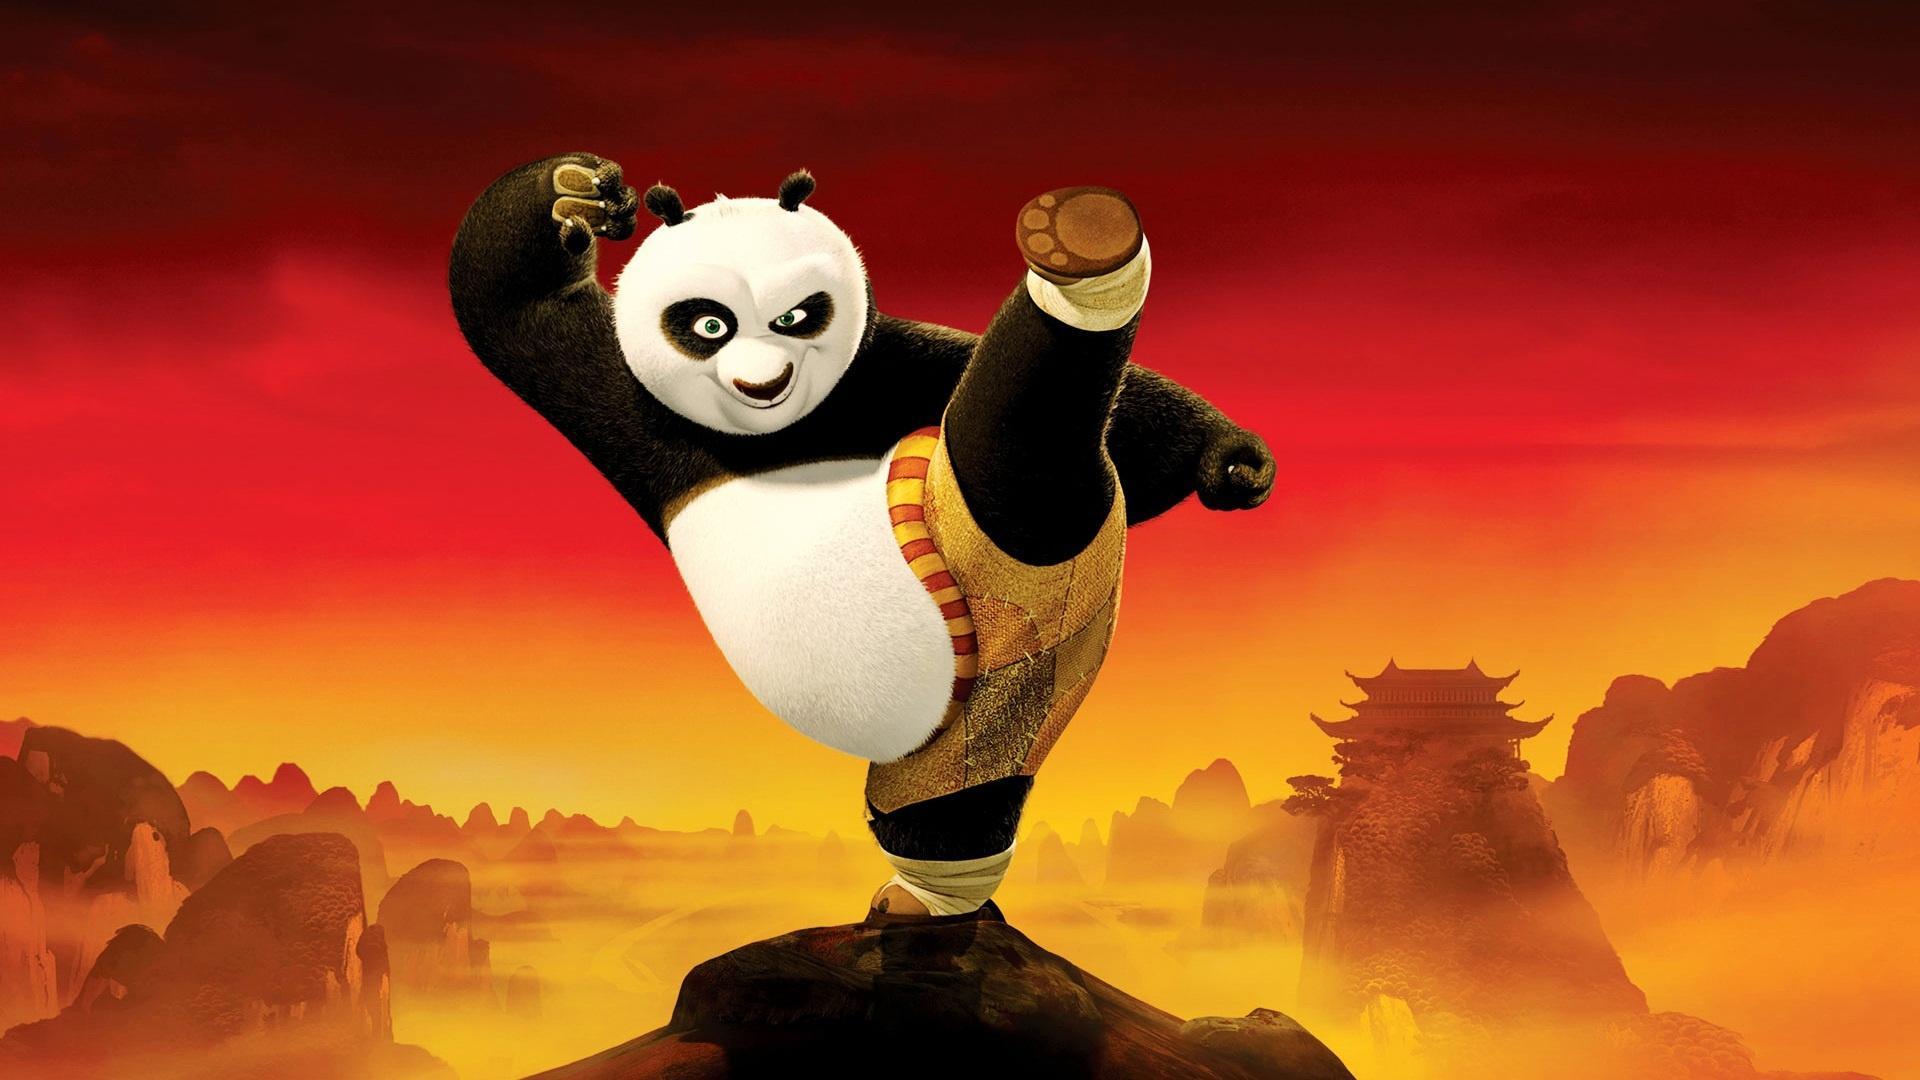 fondos de pantalla kung fu panda animación descargar imagenes